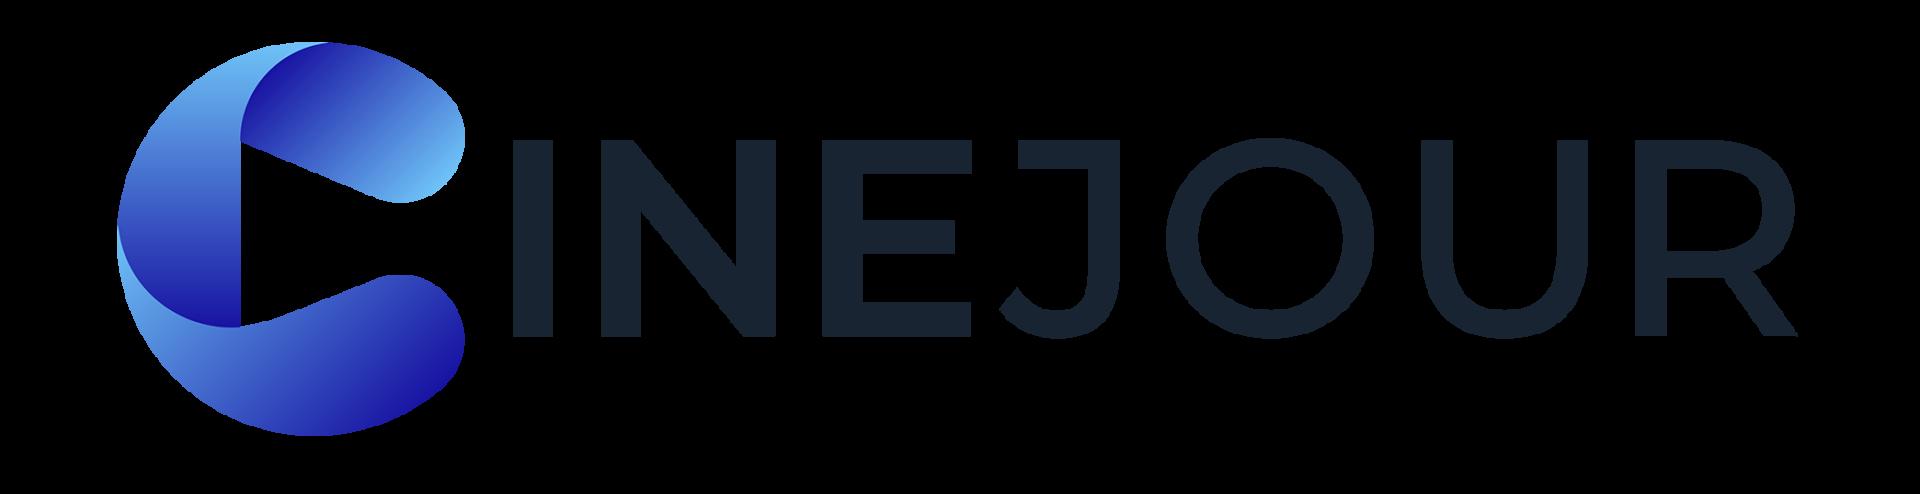 cinejour logo review film